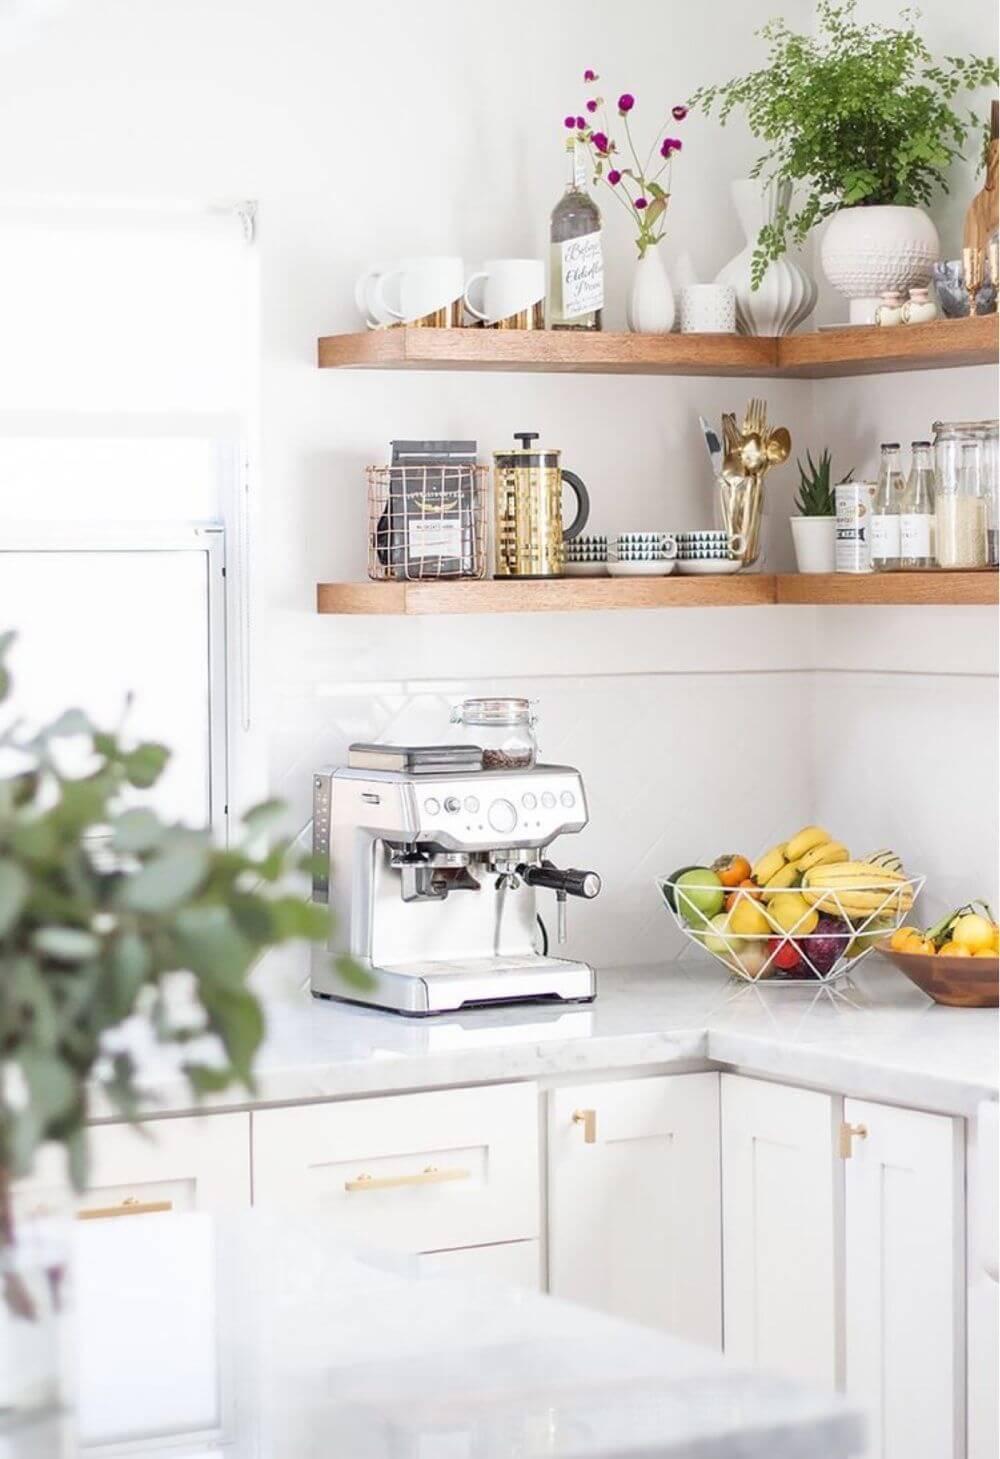 mutfak-acik-raf-modelleri açık mutfak raflarınızı nasıl düzenleyebilirsiniz - mutfak acik raf modelleri 4